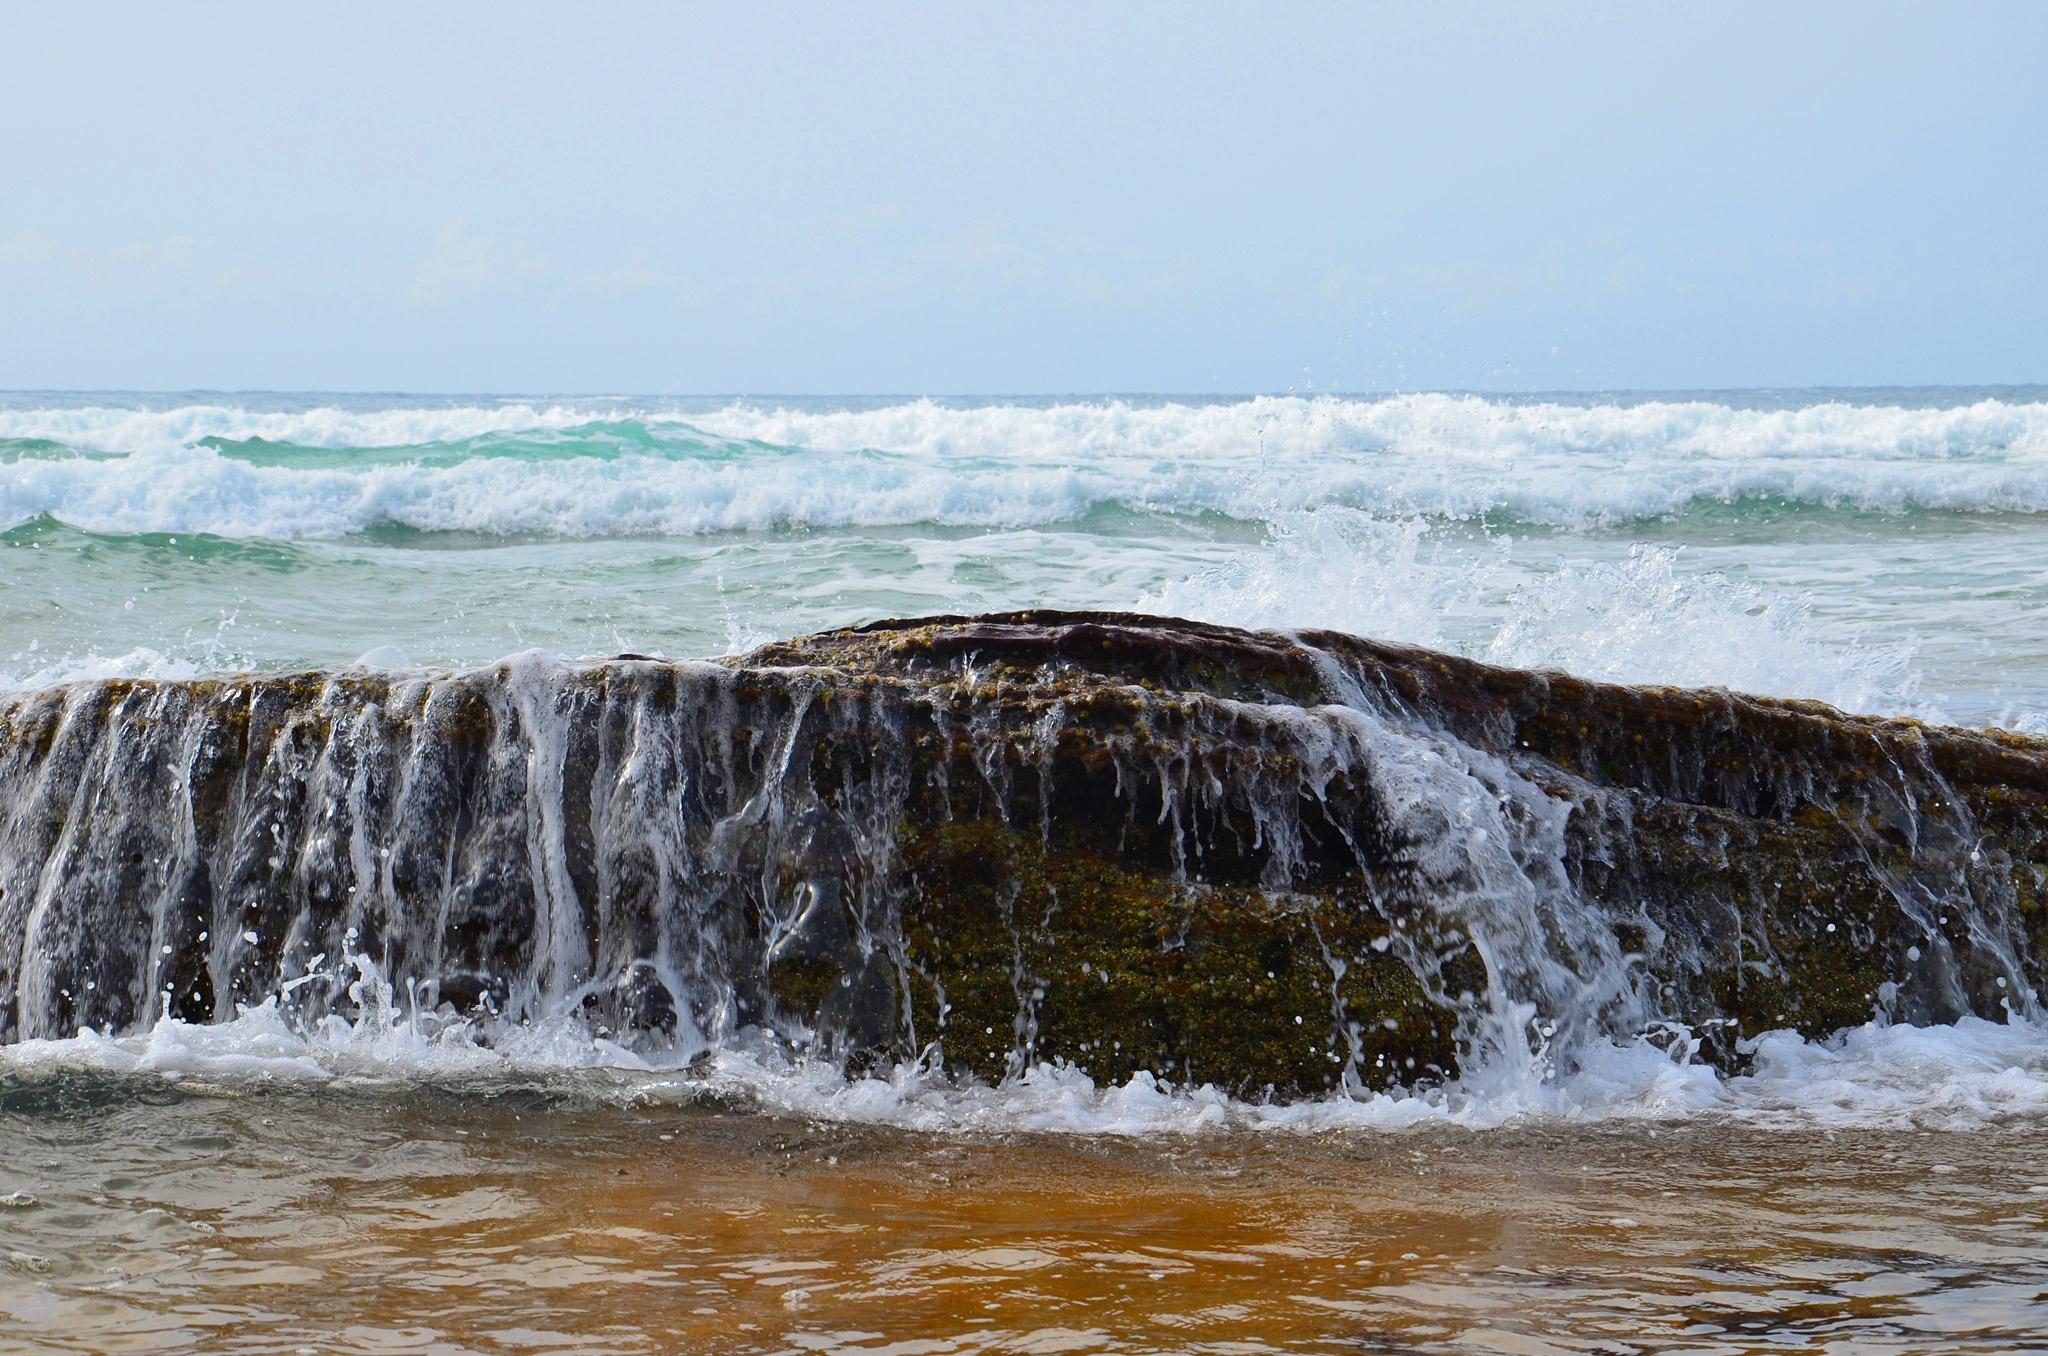 Bilgola Beach - Image �2014 ManlyAustralia.com